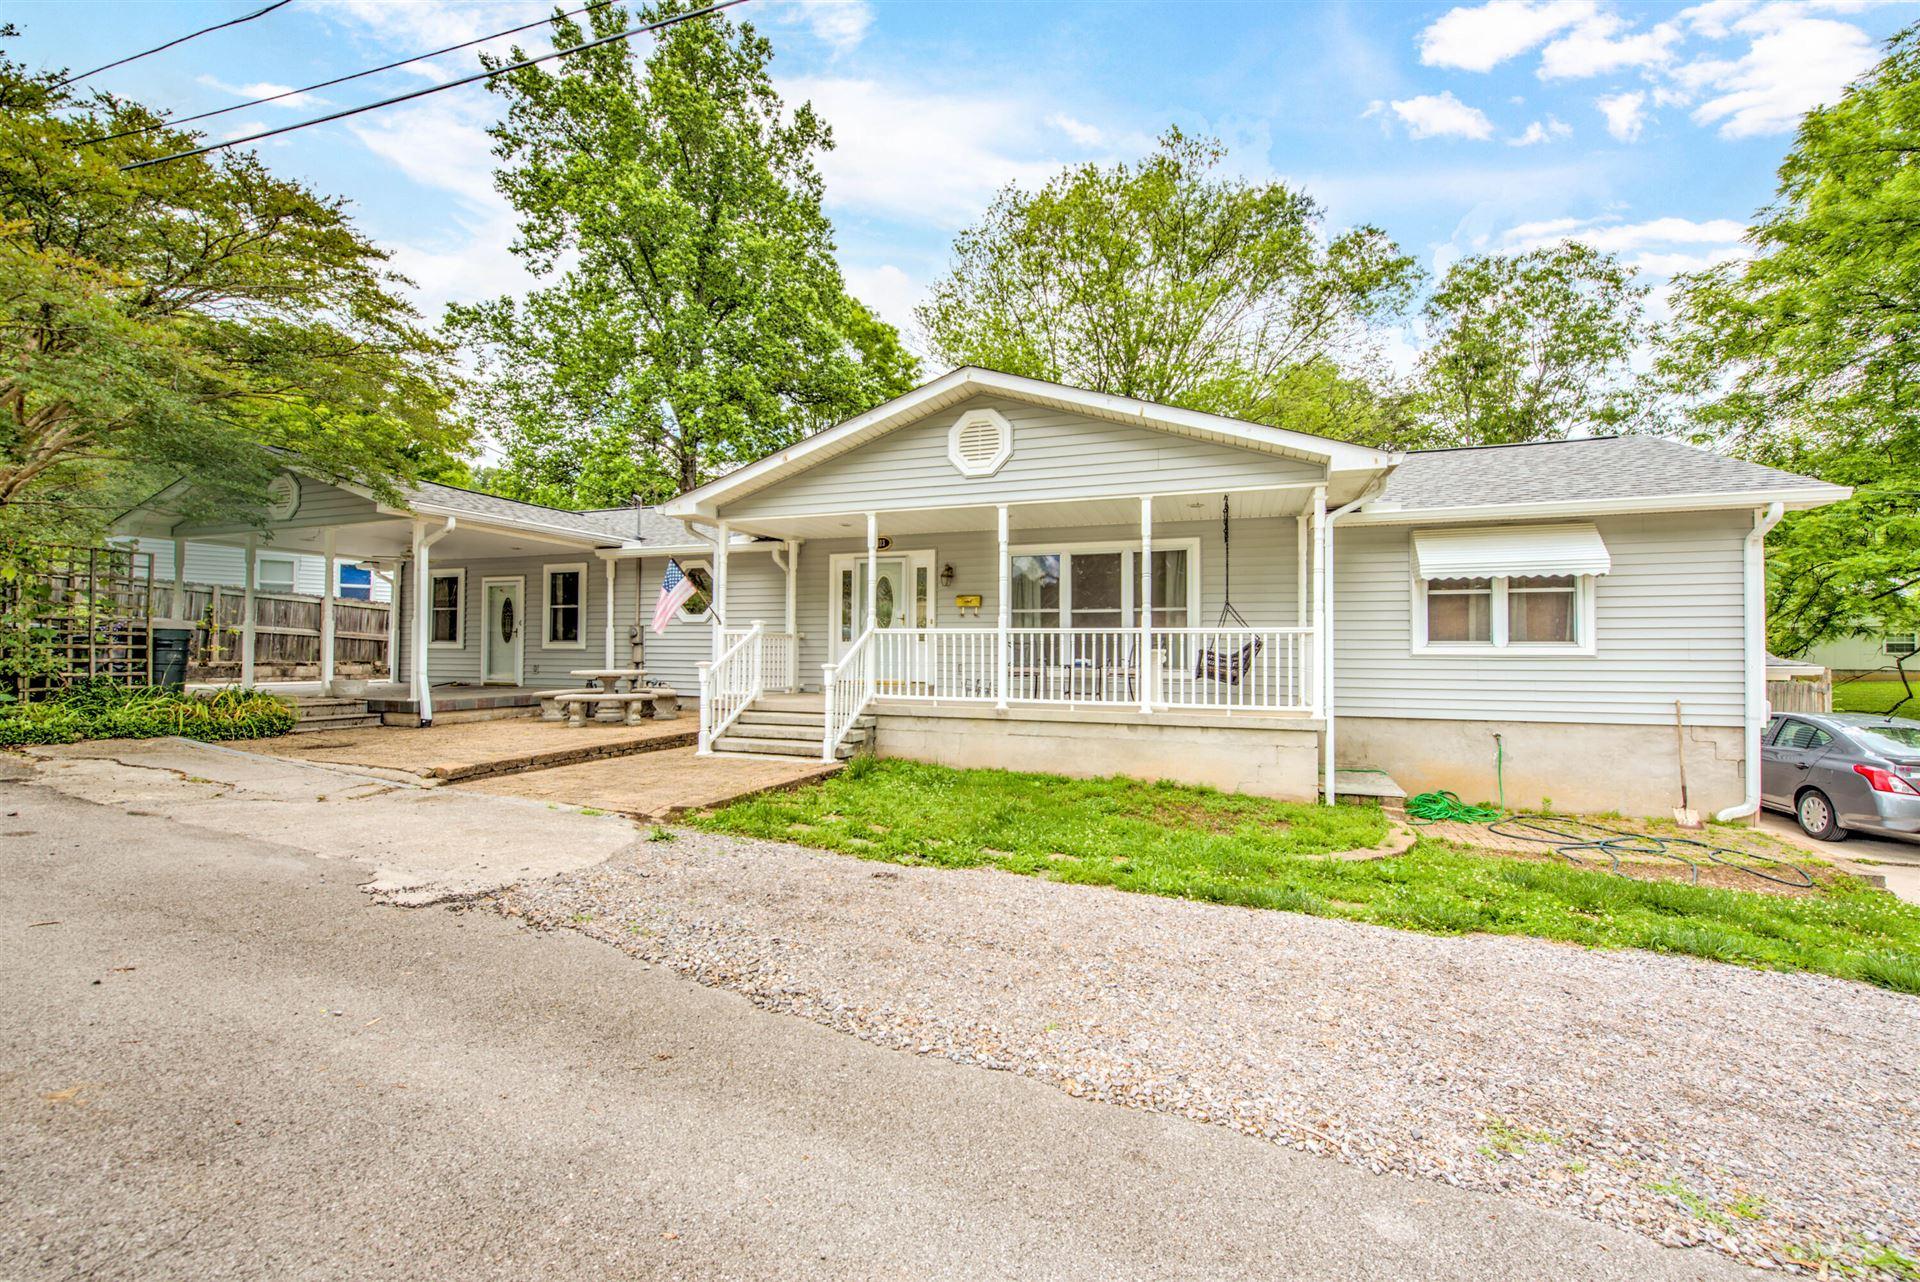 Photo of 103 briar Rd, Oak Ridge, TN 37830 (MLS # 1156392)